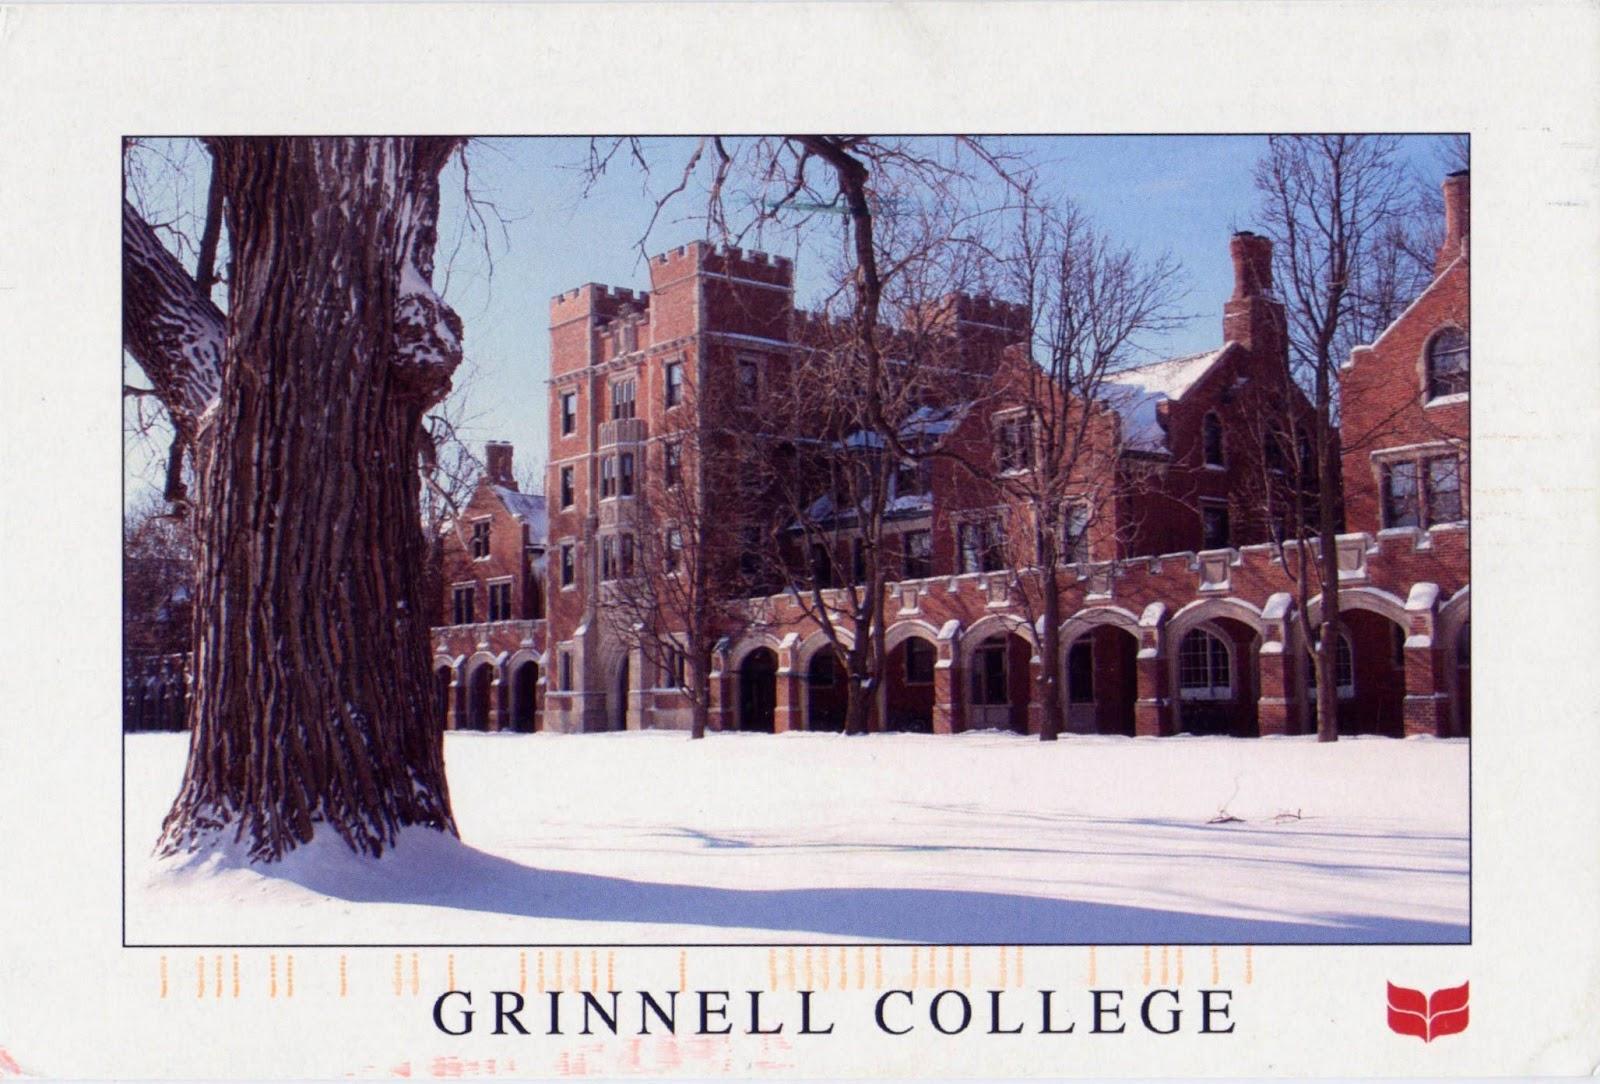 Petites fen tres sur le monde grinnell college for Mondial fenetre